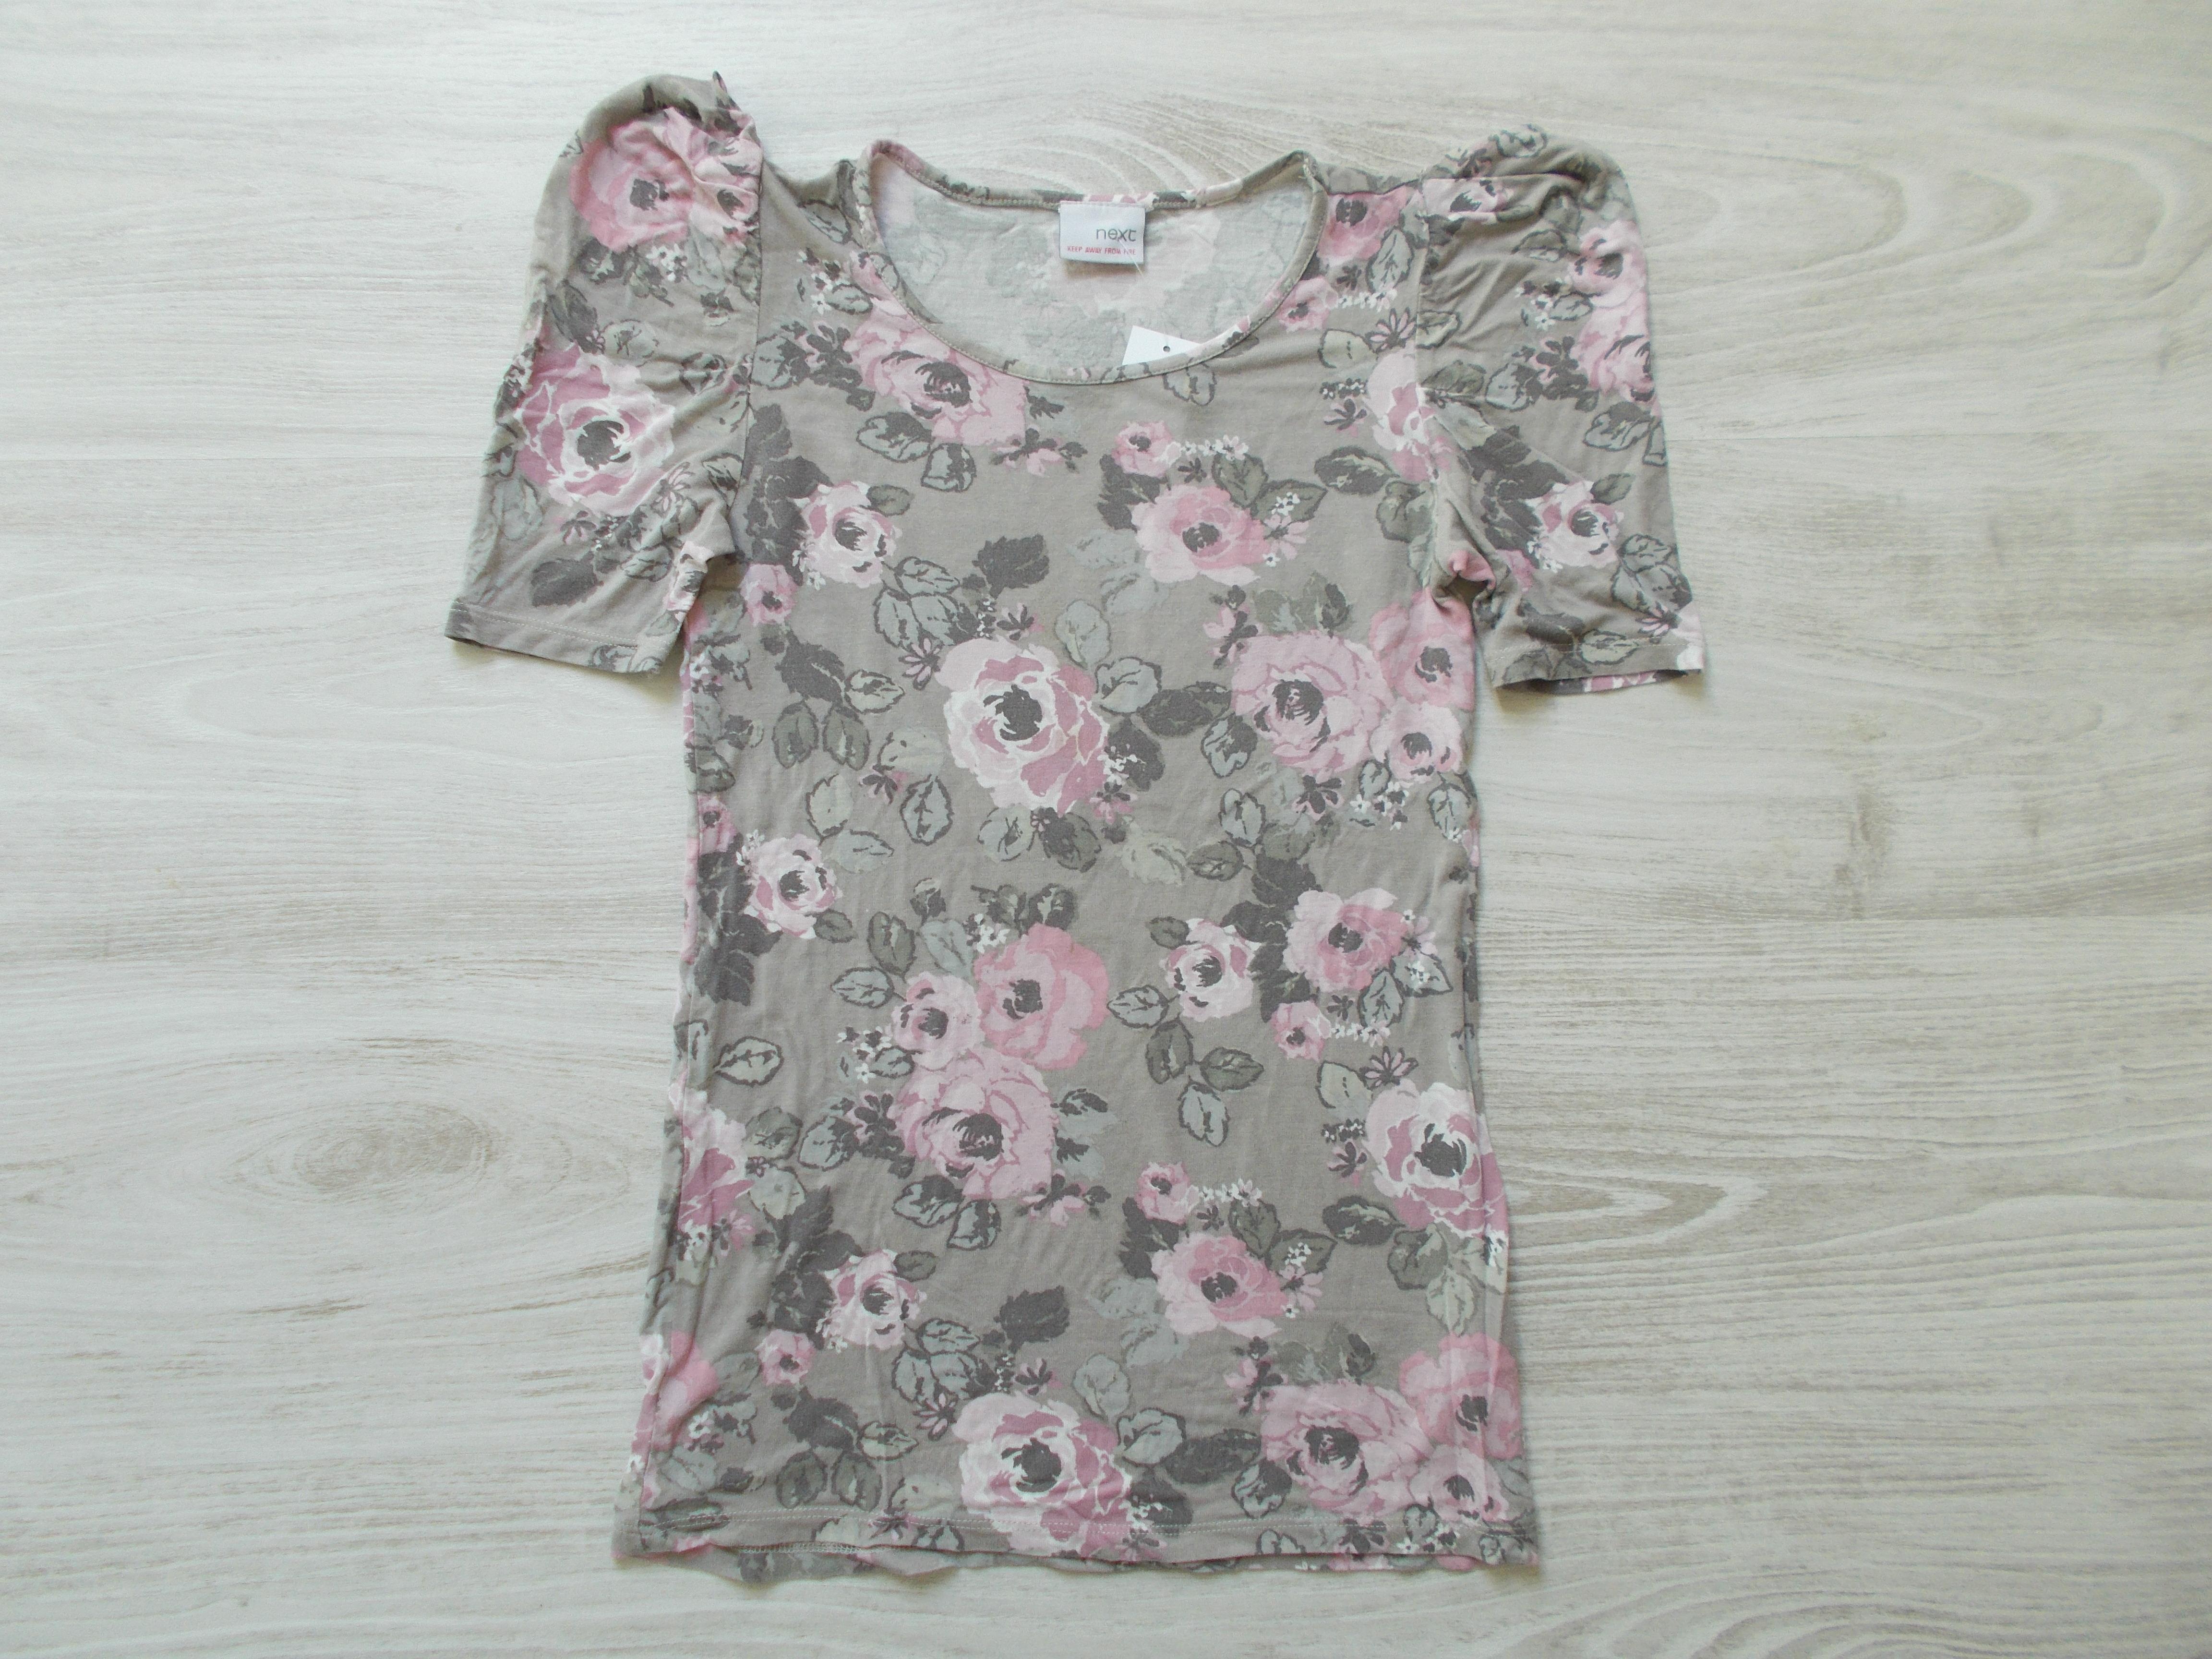 d0ff39381f Next virágos póló [116 (6 év) / Lány ruhák] :: Lótusz Gyerekruha Webshop